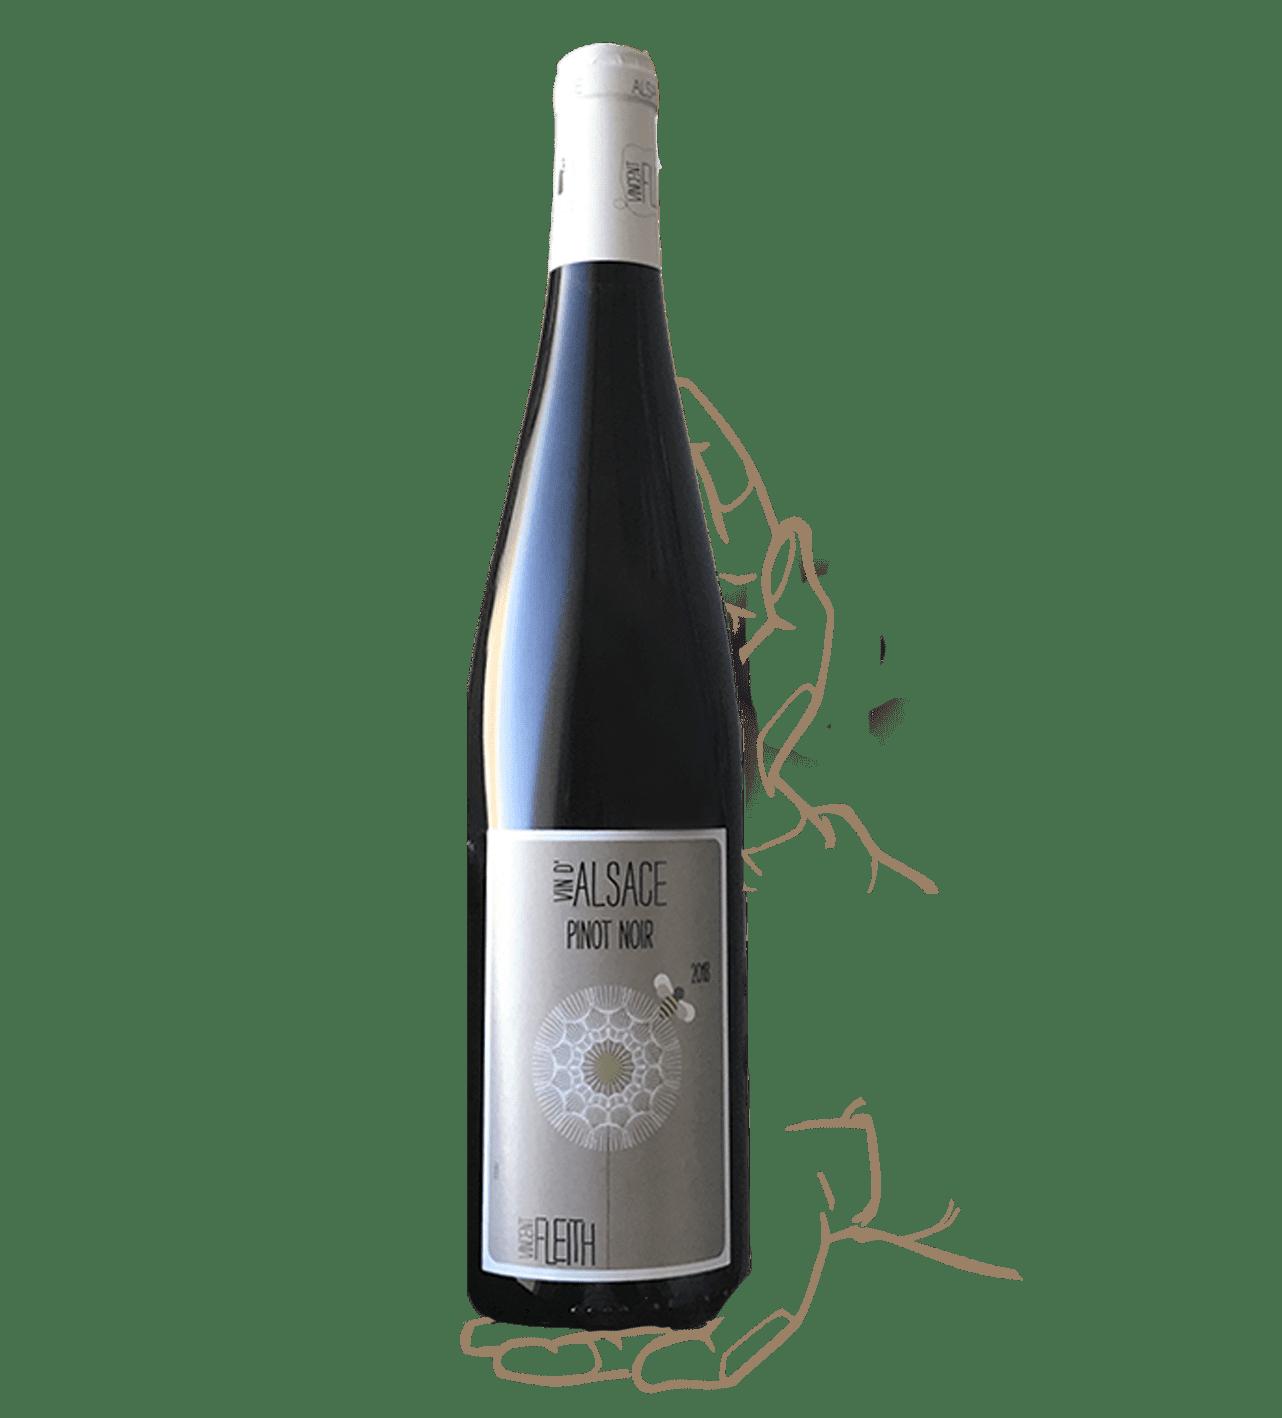 Pinot Noir de Vincent Fleith, un vin rouge biodynamique d'Alsace